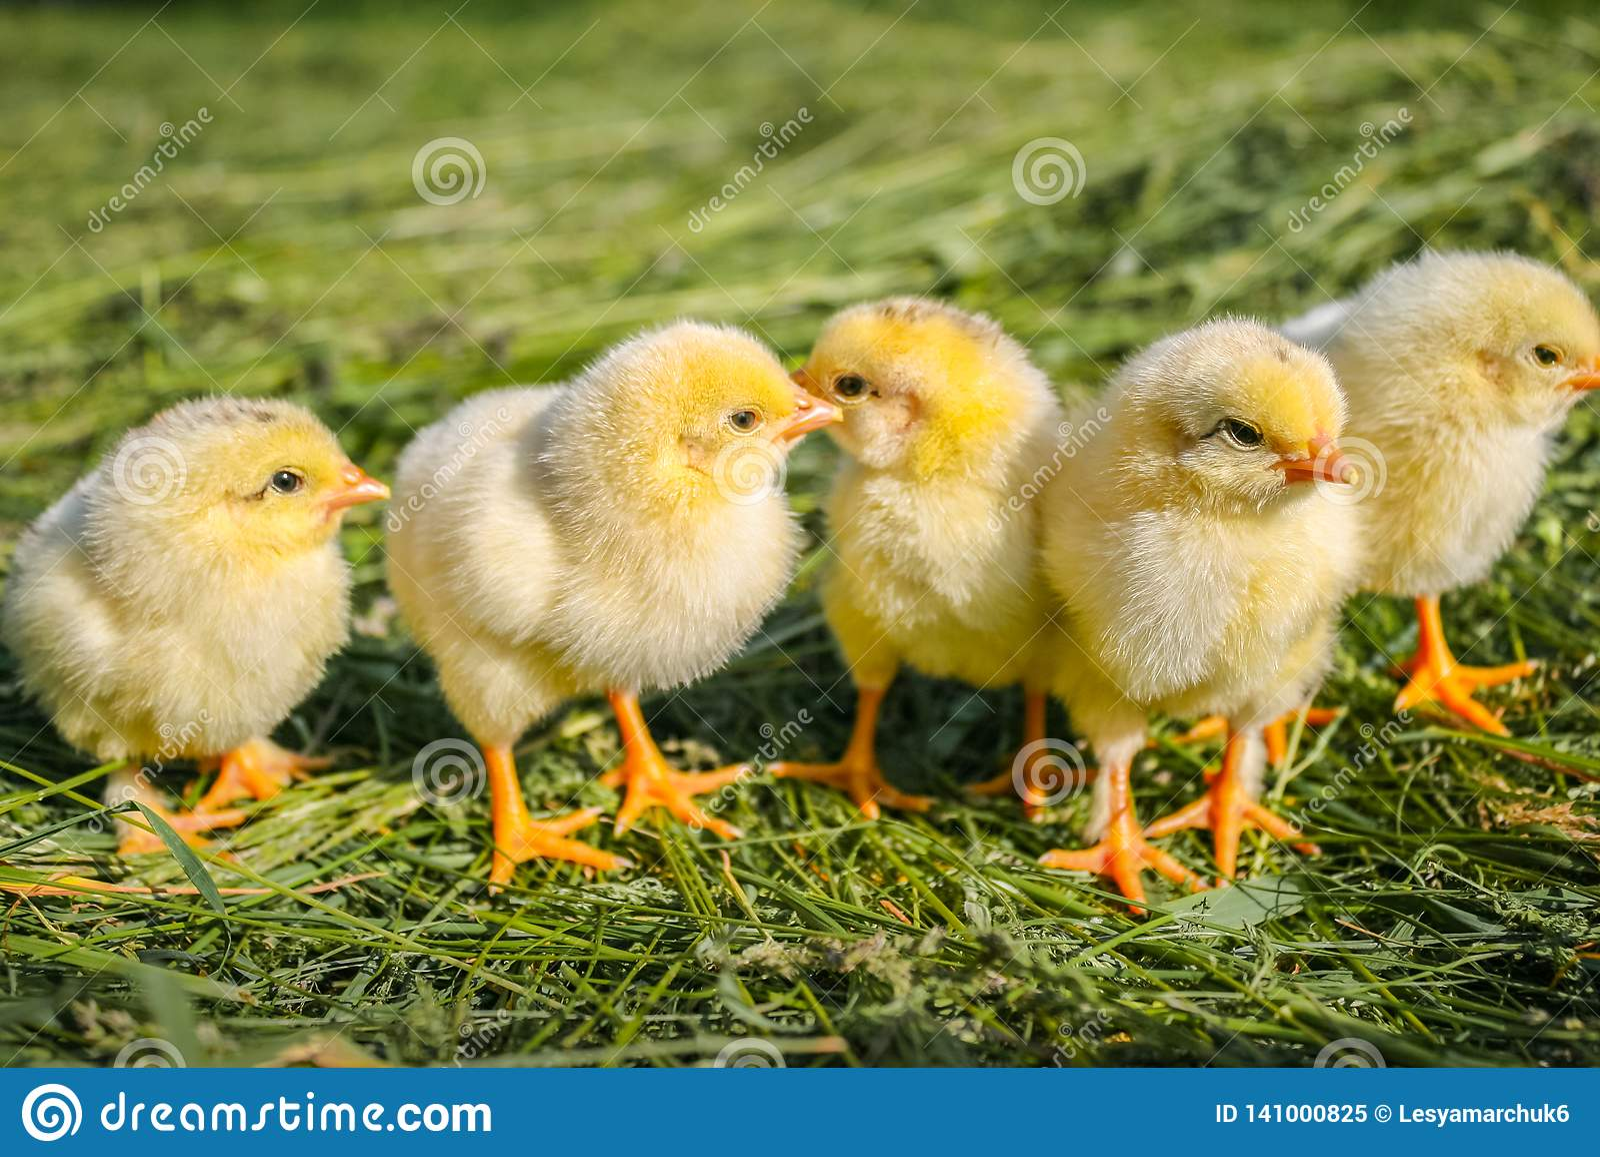 Κίτρινα κοτόπουλα σε έναν χορτοτάπητα σε ένα αγρόκτημα